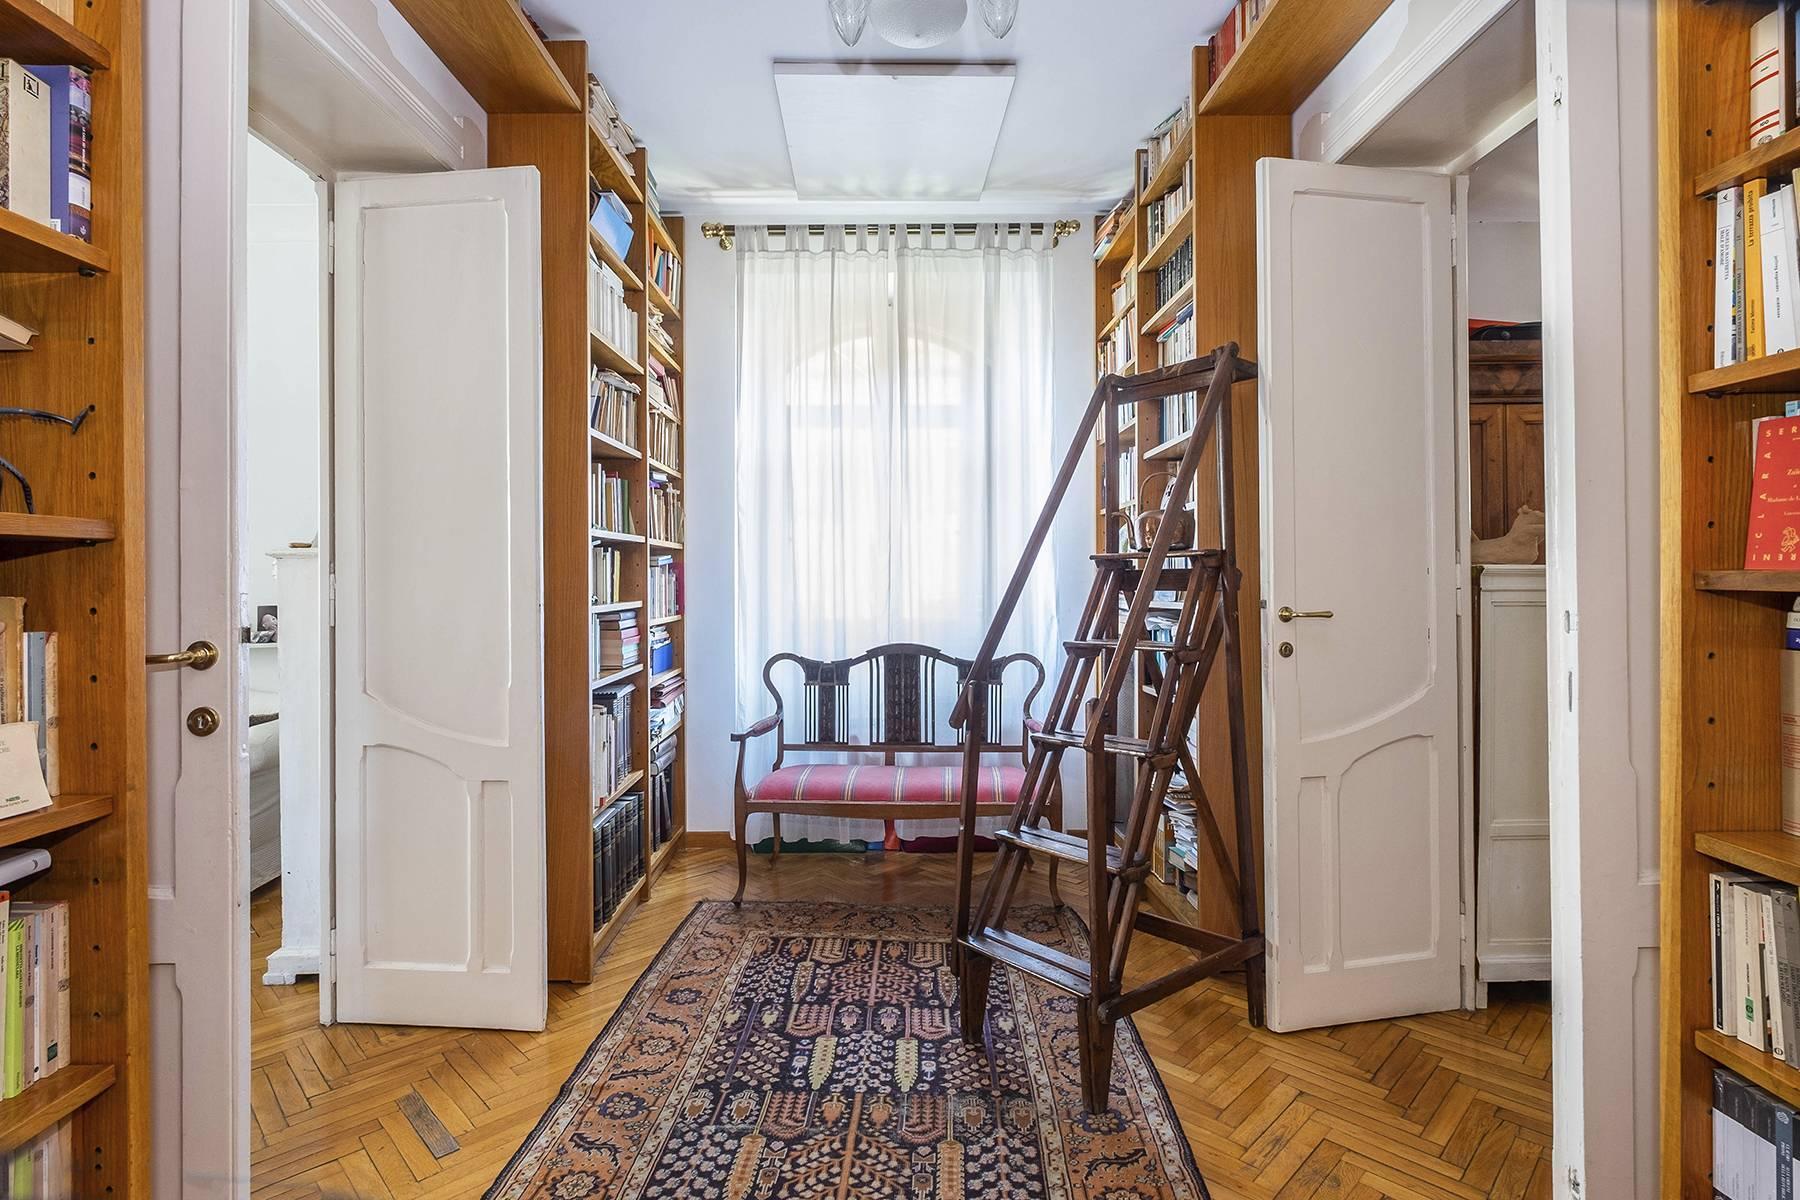 Elegante Wohnung im Stadtviertel Prati - 2